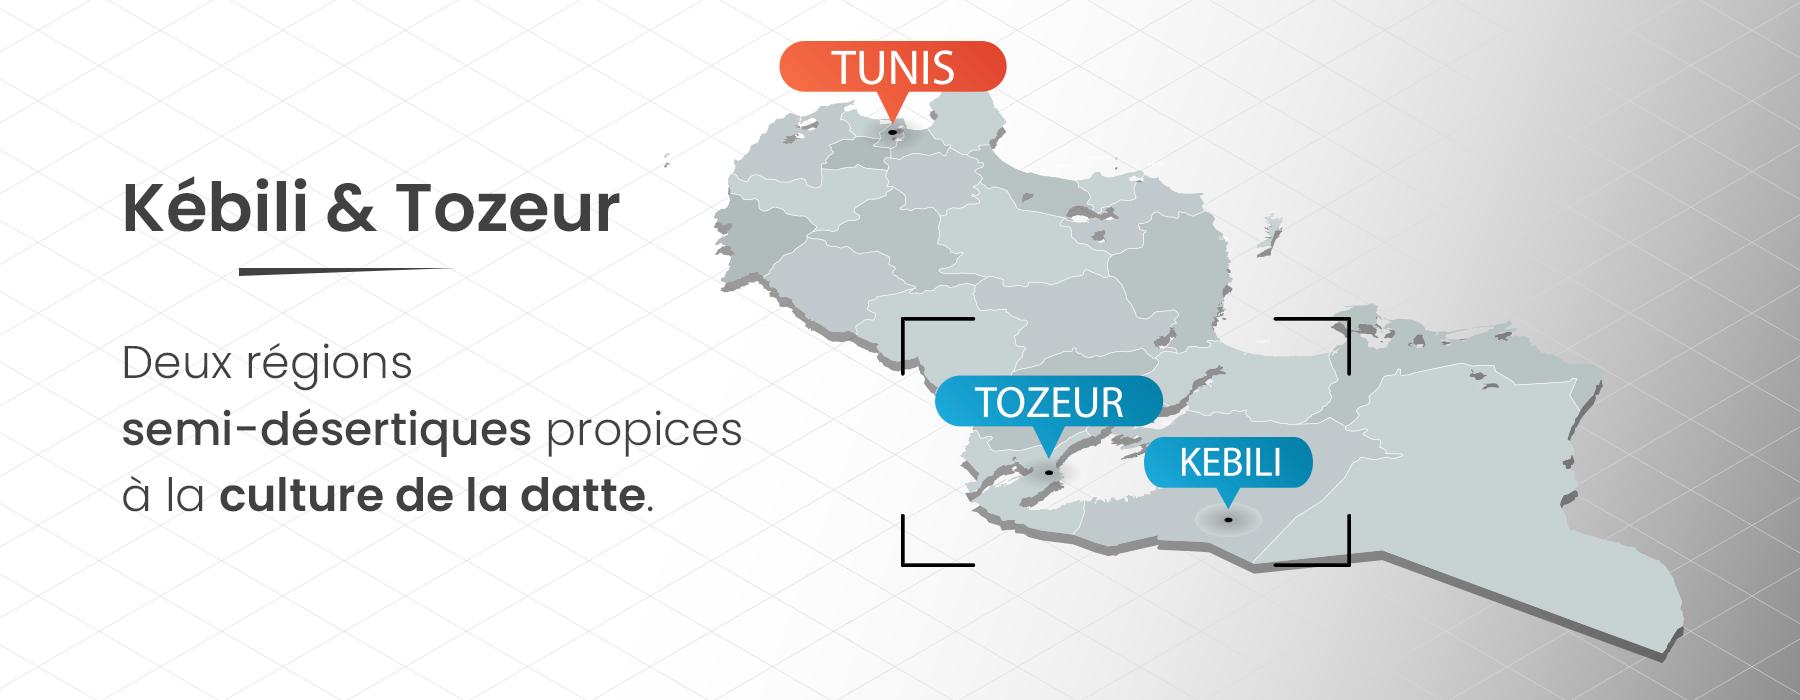 Dattes Yummy'z Tunisie